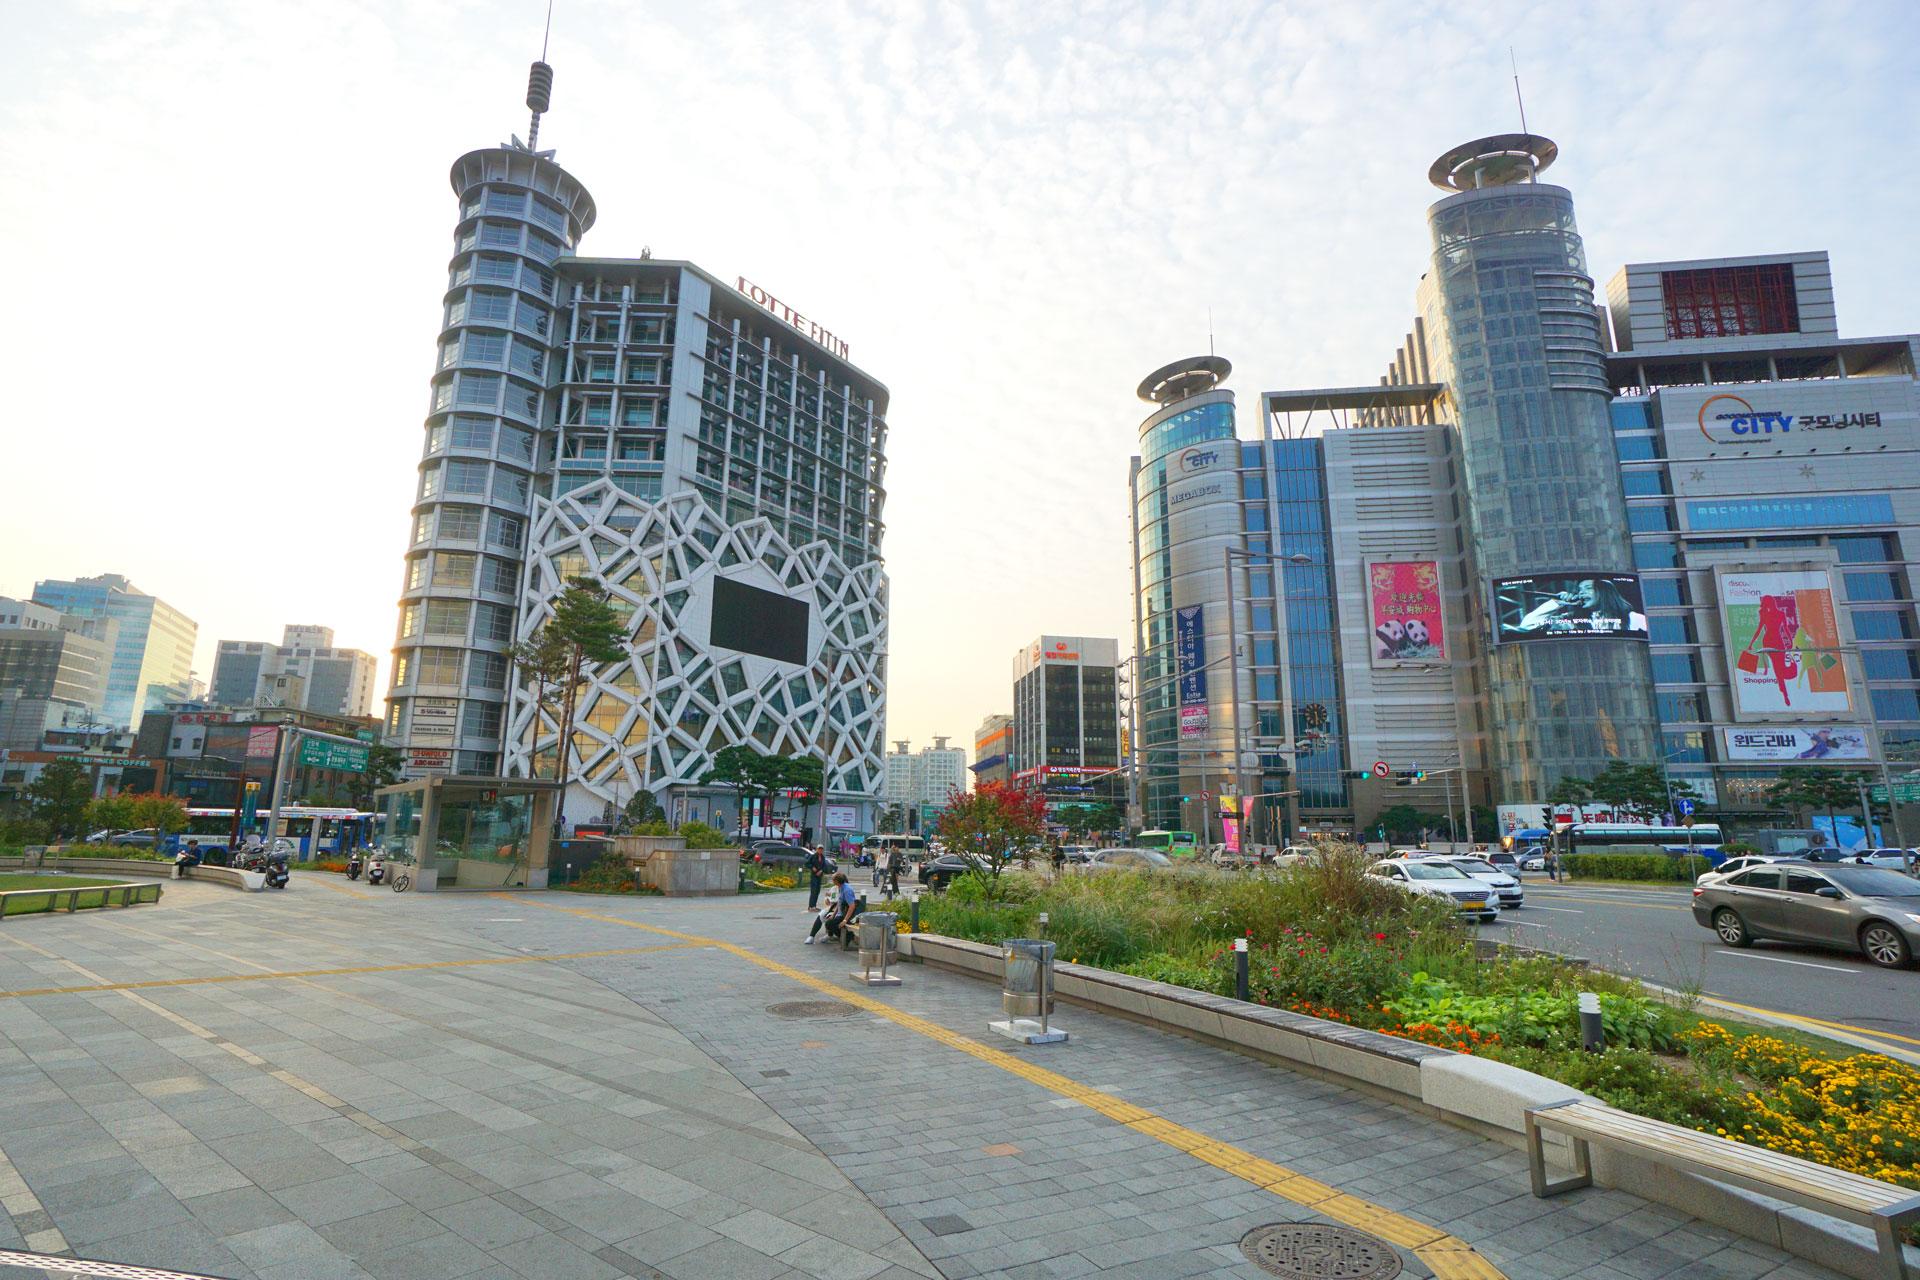 Rund um den DDP, den Dongdaemun Design Plaza, reihen sich Malls und Einkaufszentren aneinander.